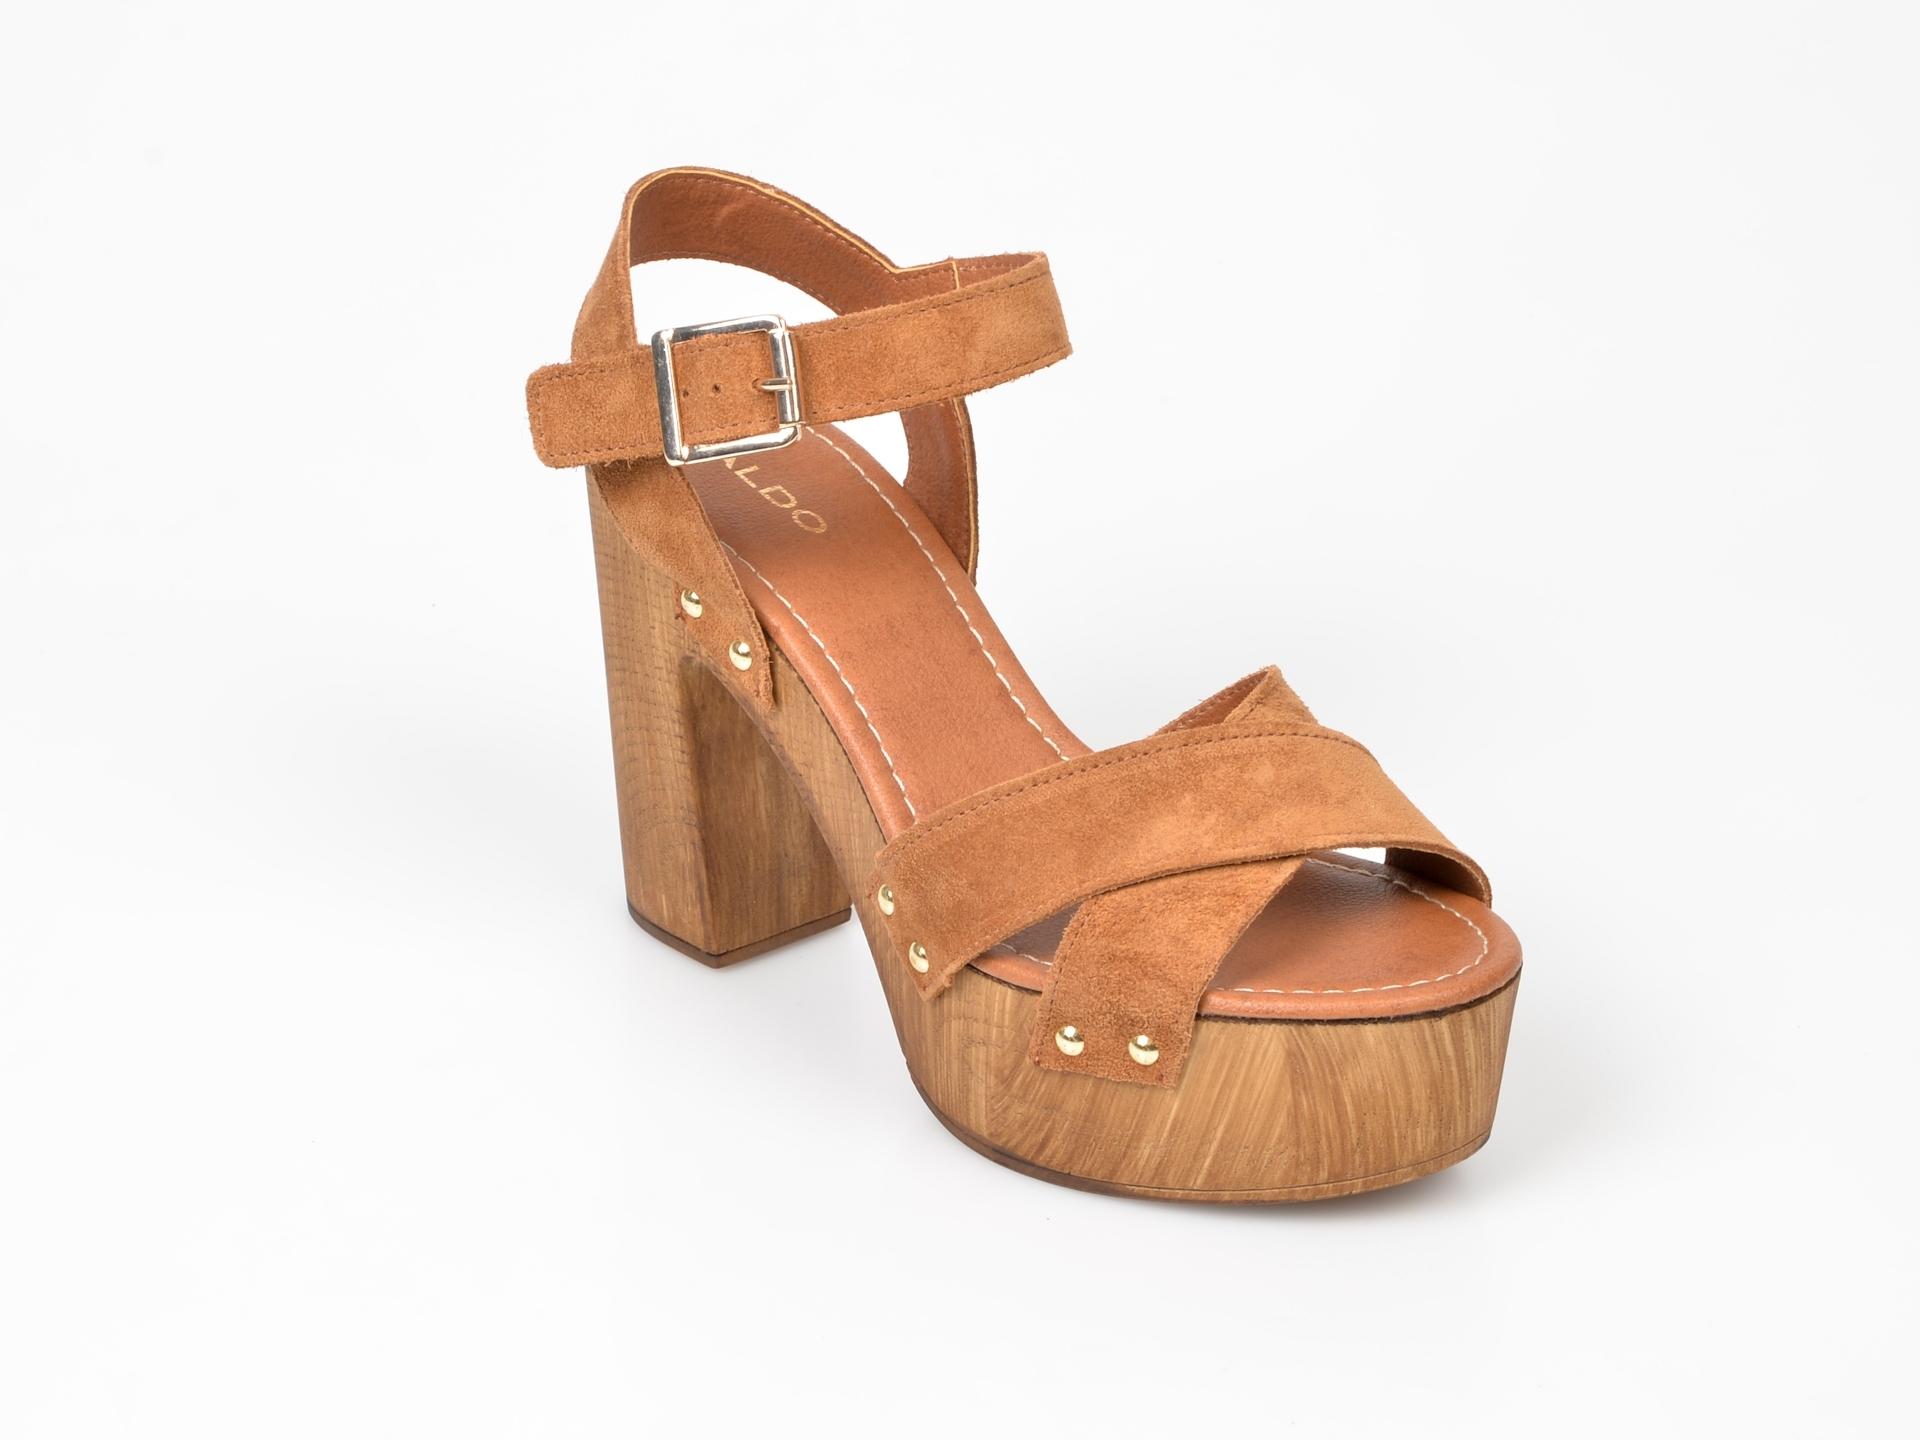 Sandale ALDO maro, Deleniel, din piele naturala